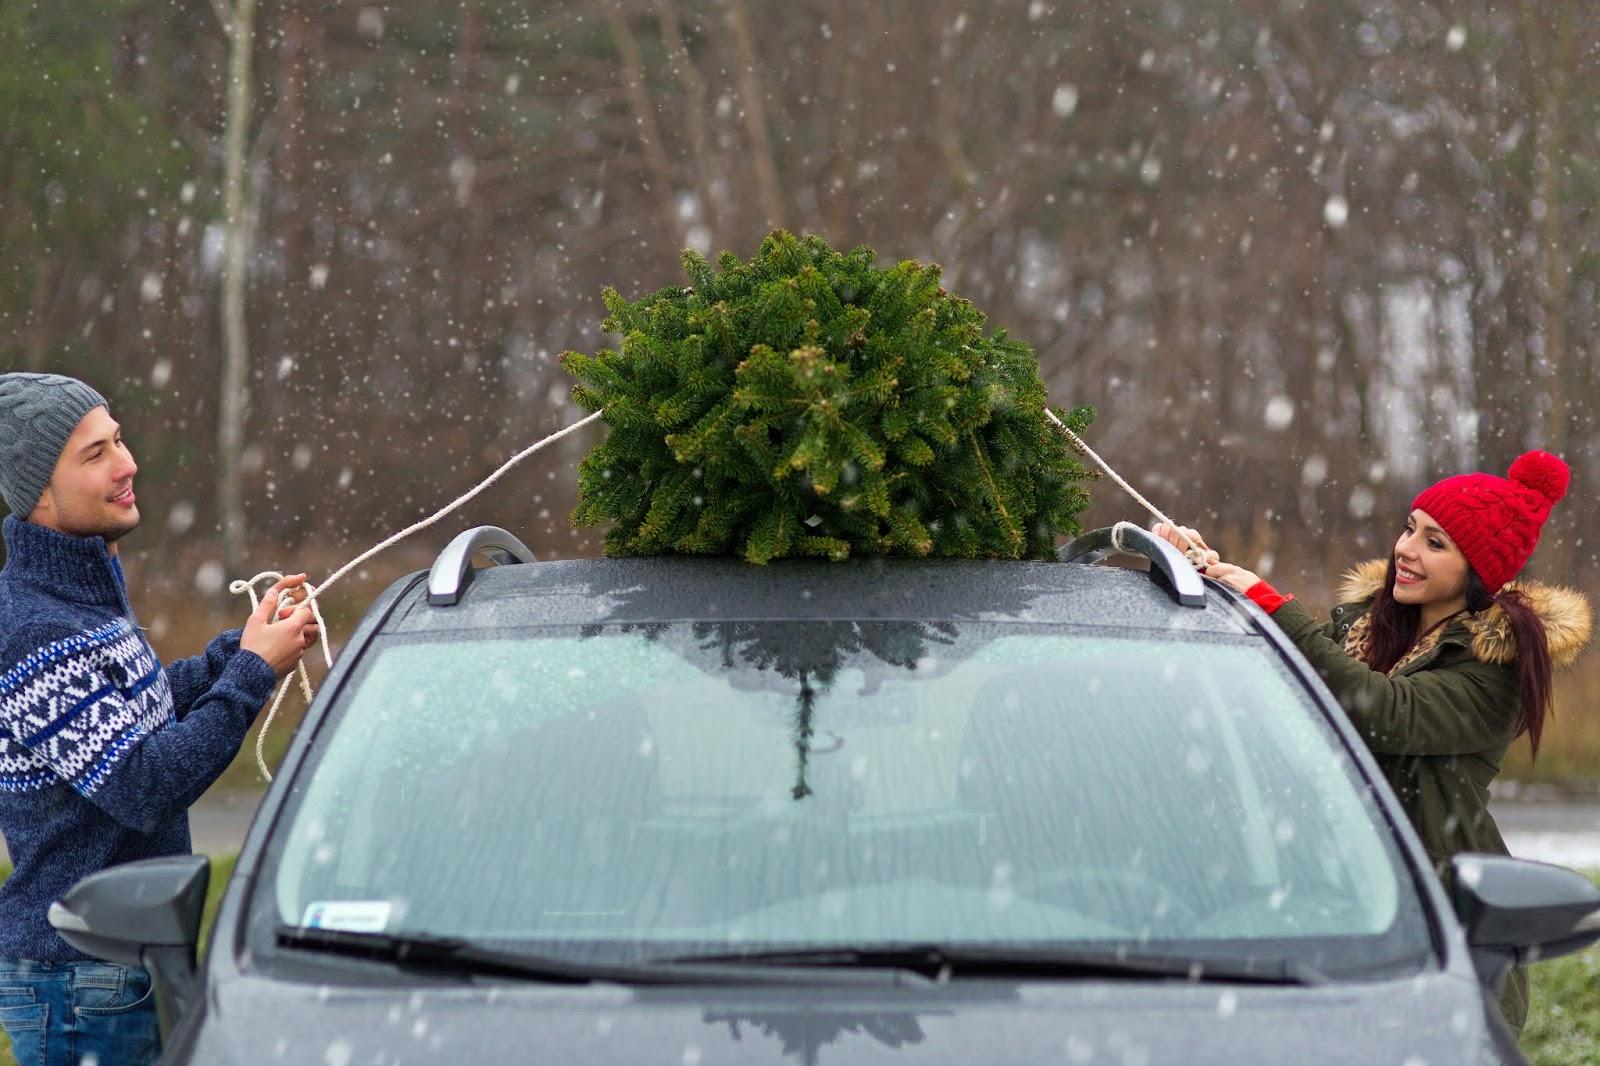 Auto Weihnachtsbaum.Ganz Sicher Der Weihnachtsbaum Muss Mit Ins Auto Doch Richtig